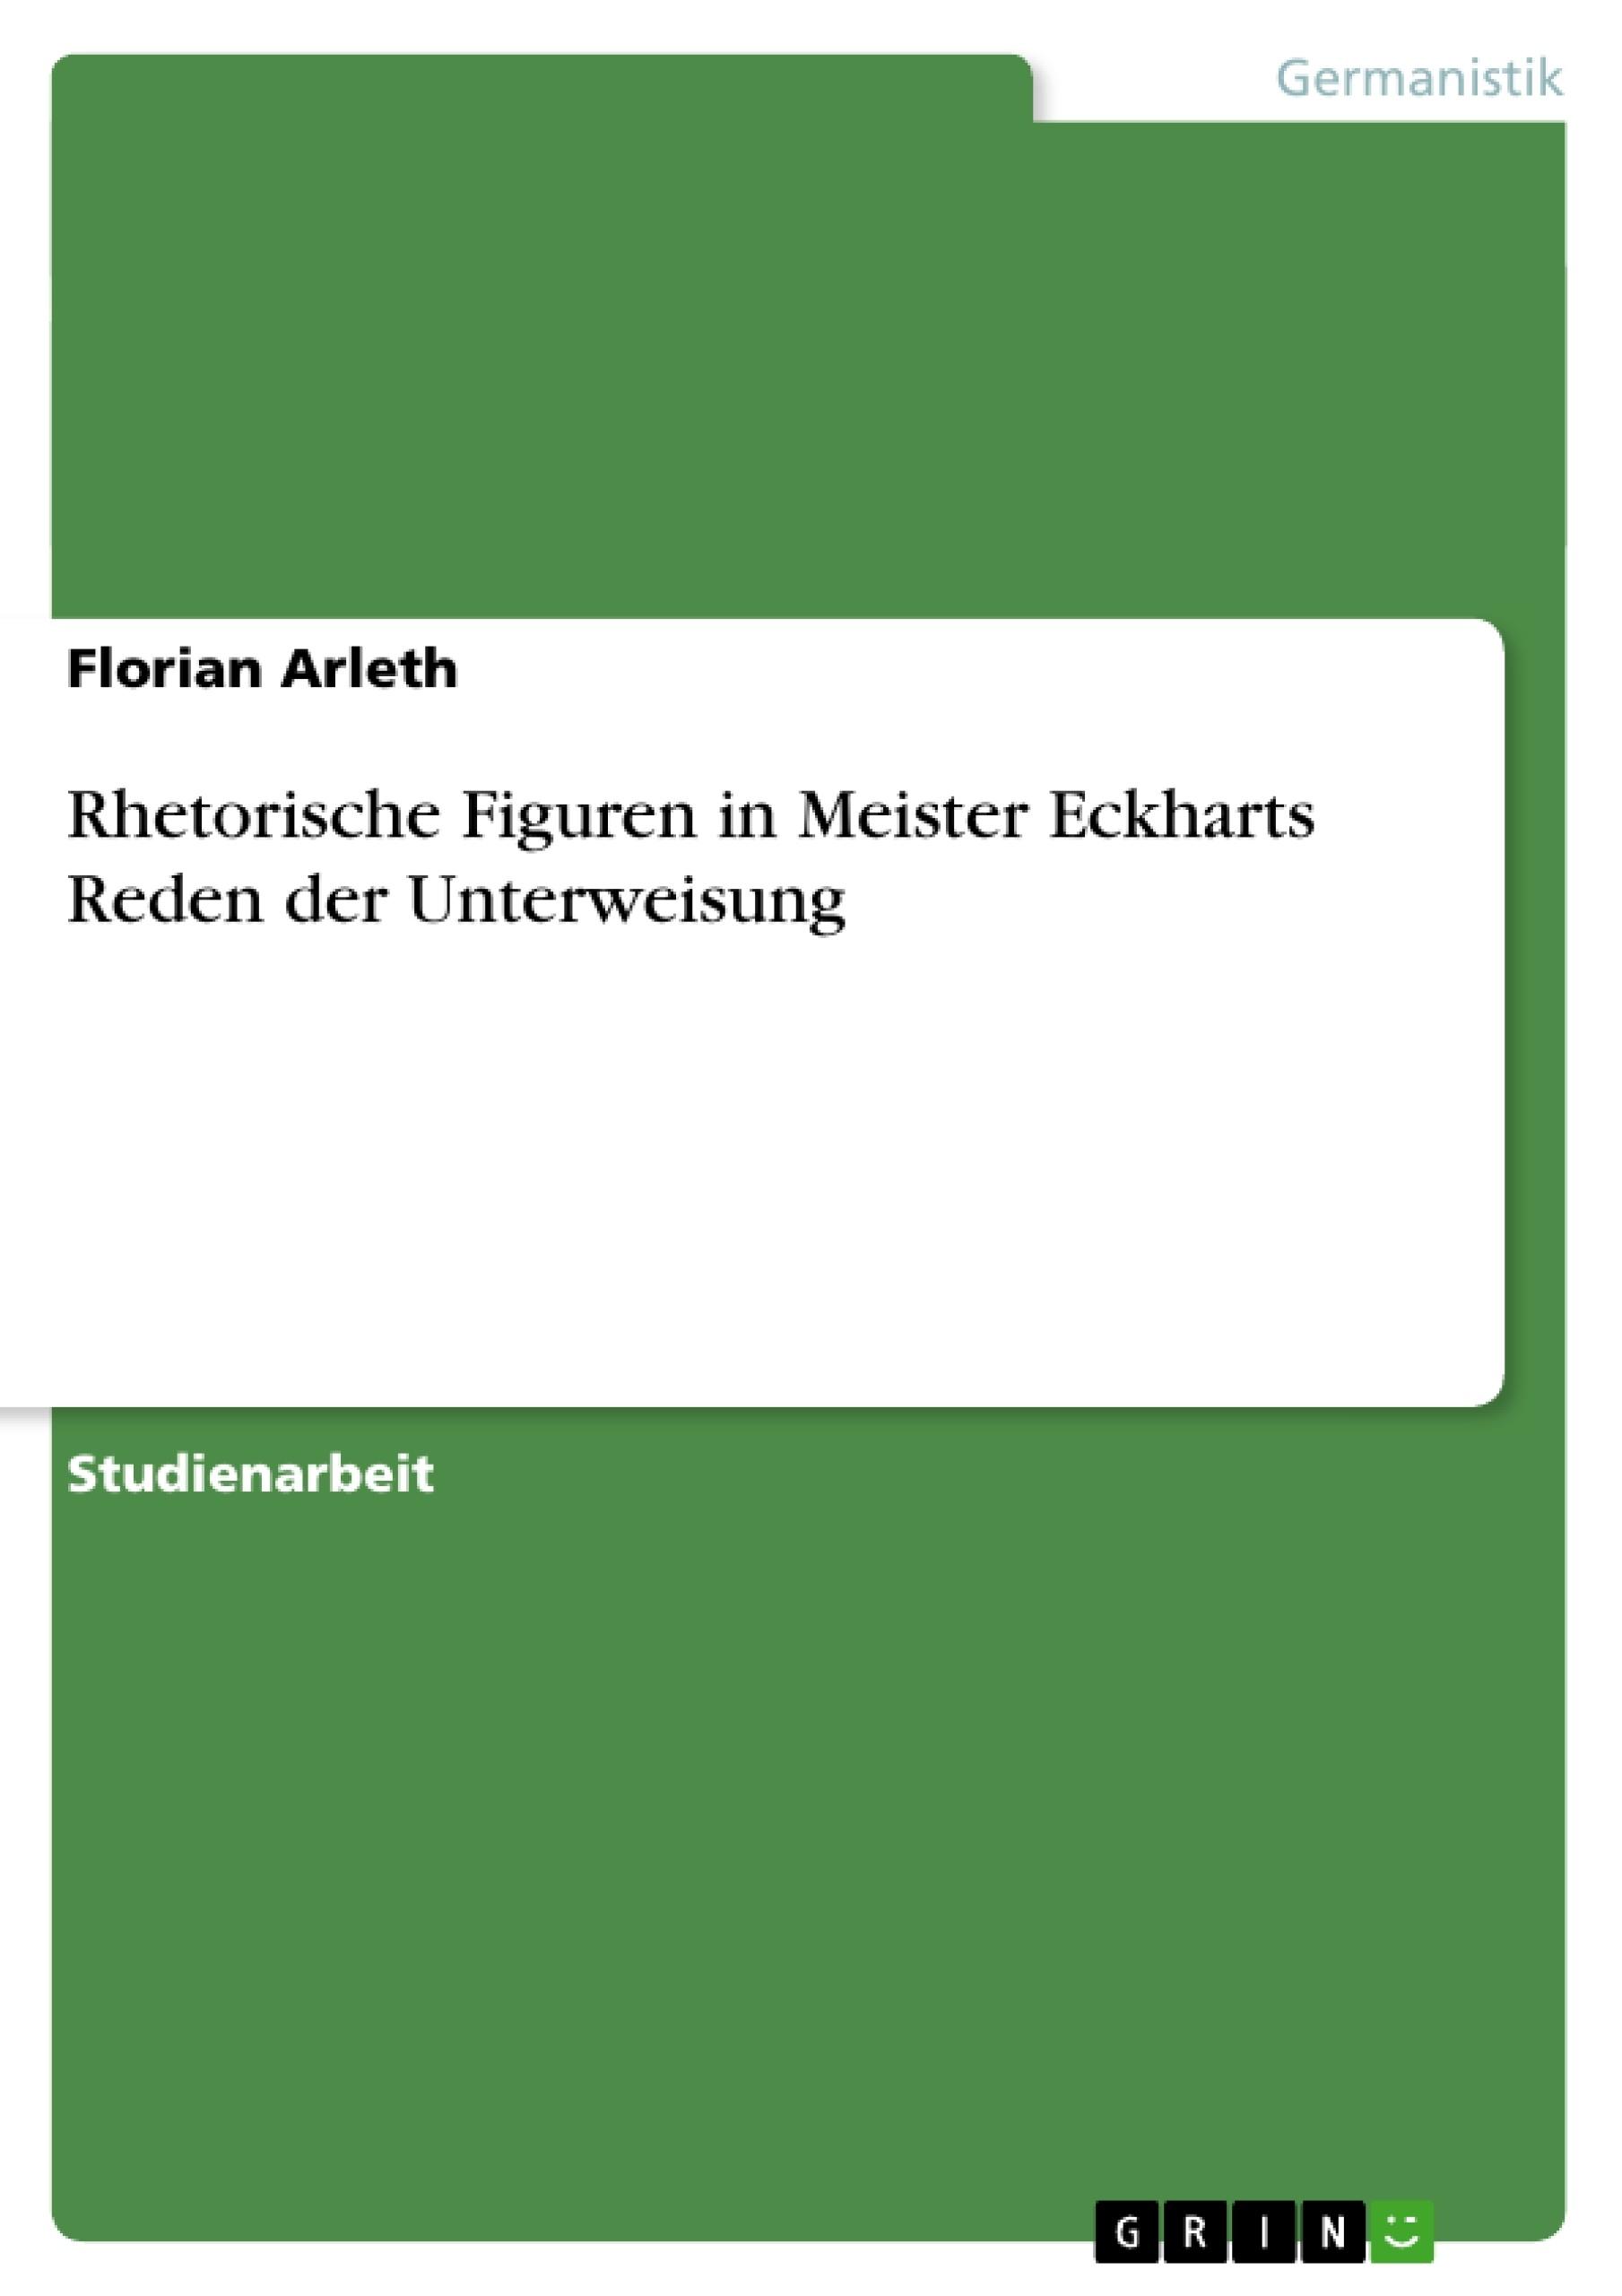 Titel: Rhetorische Figuren in Meister Eckharts Reden der Unterweisung